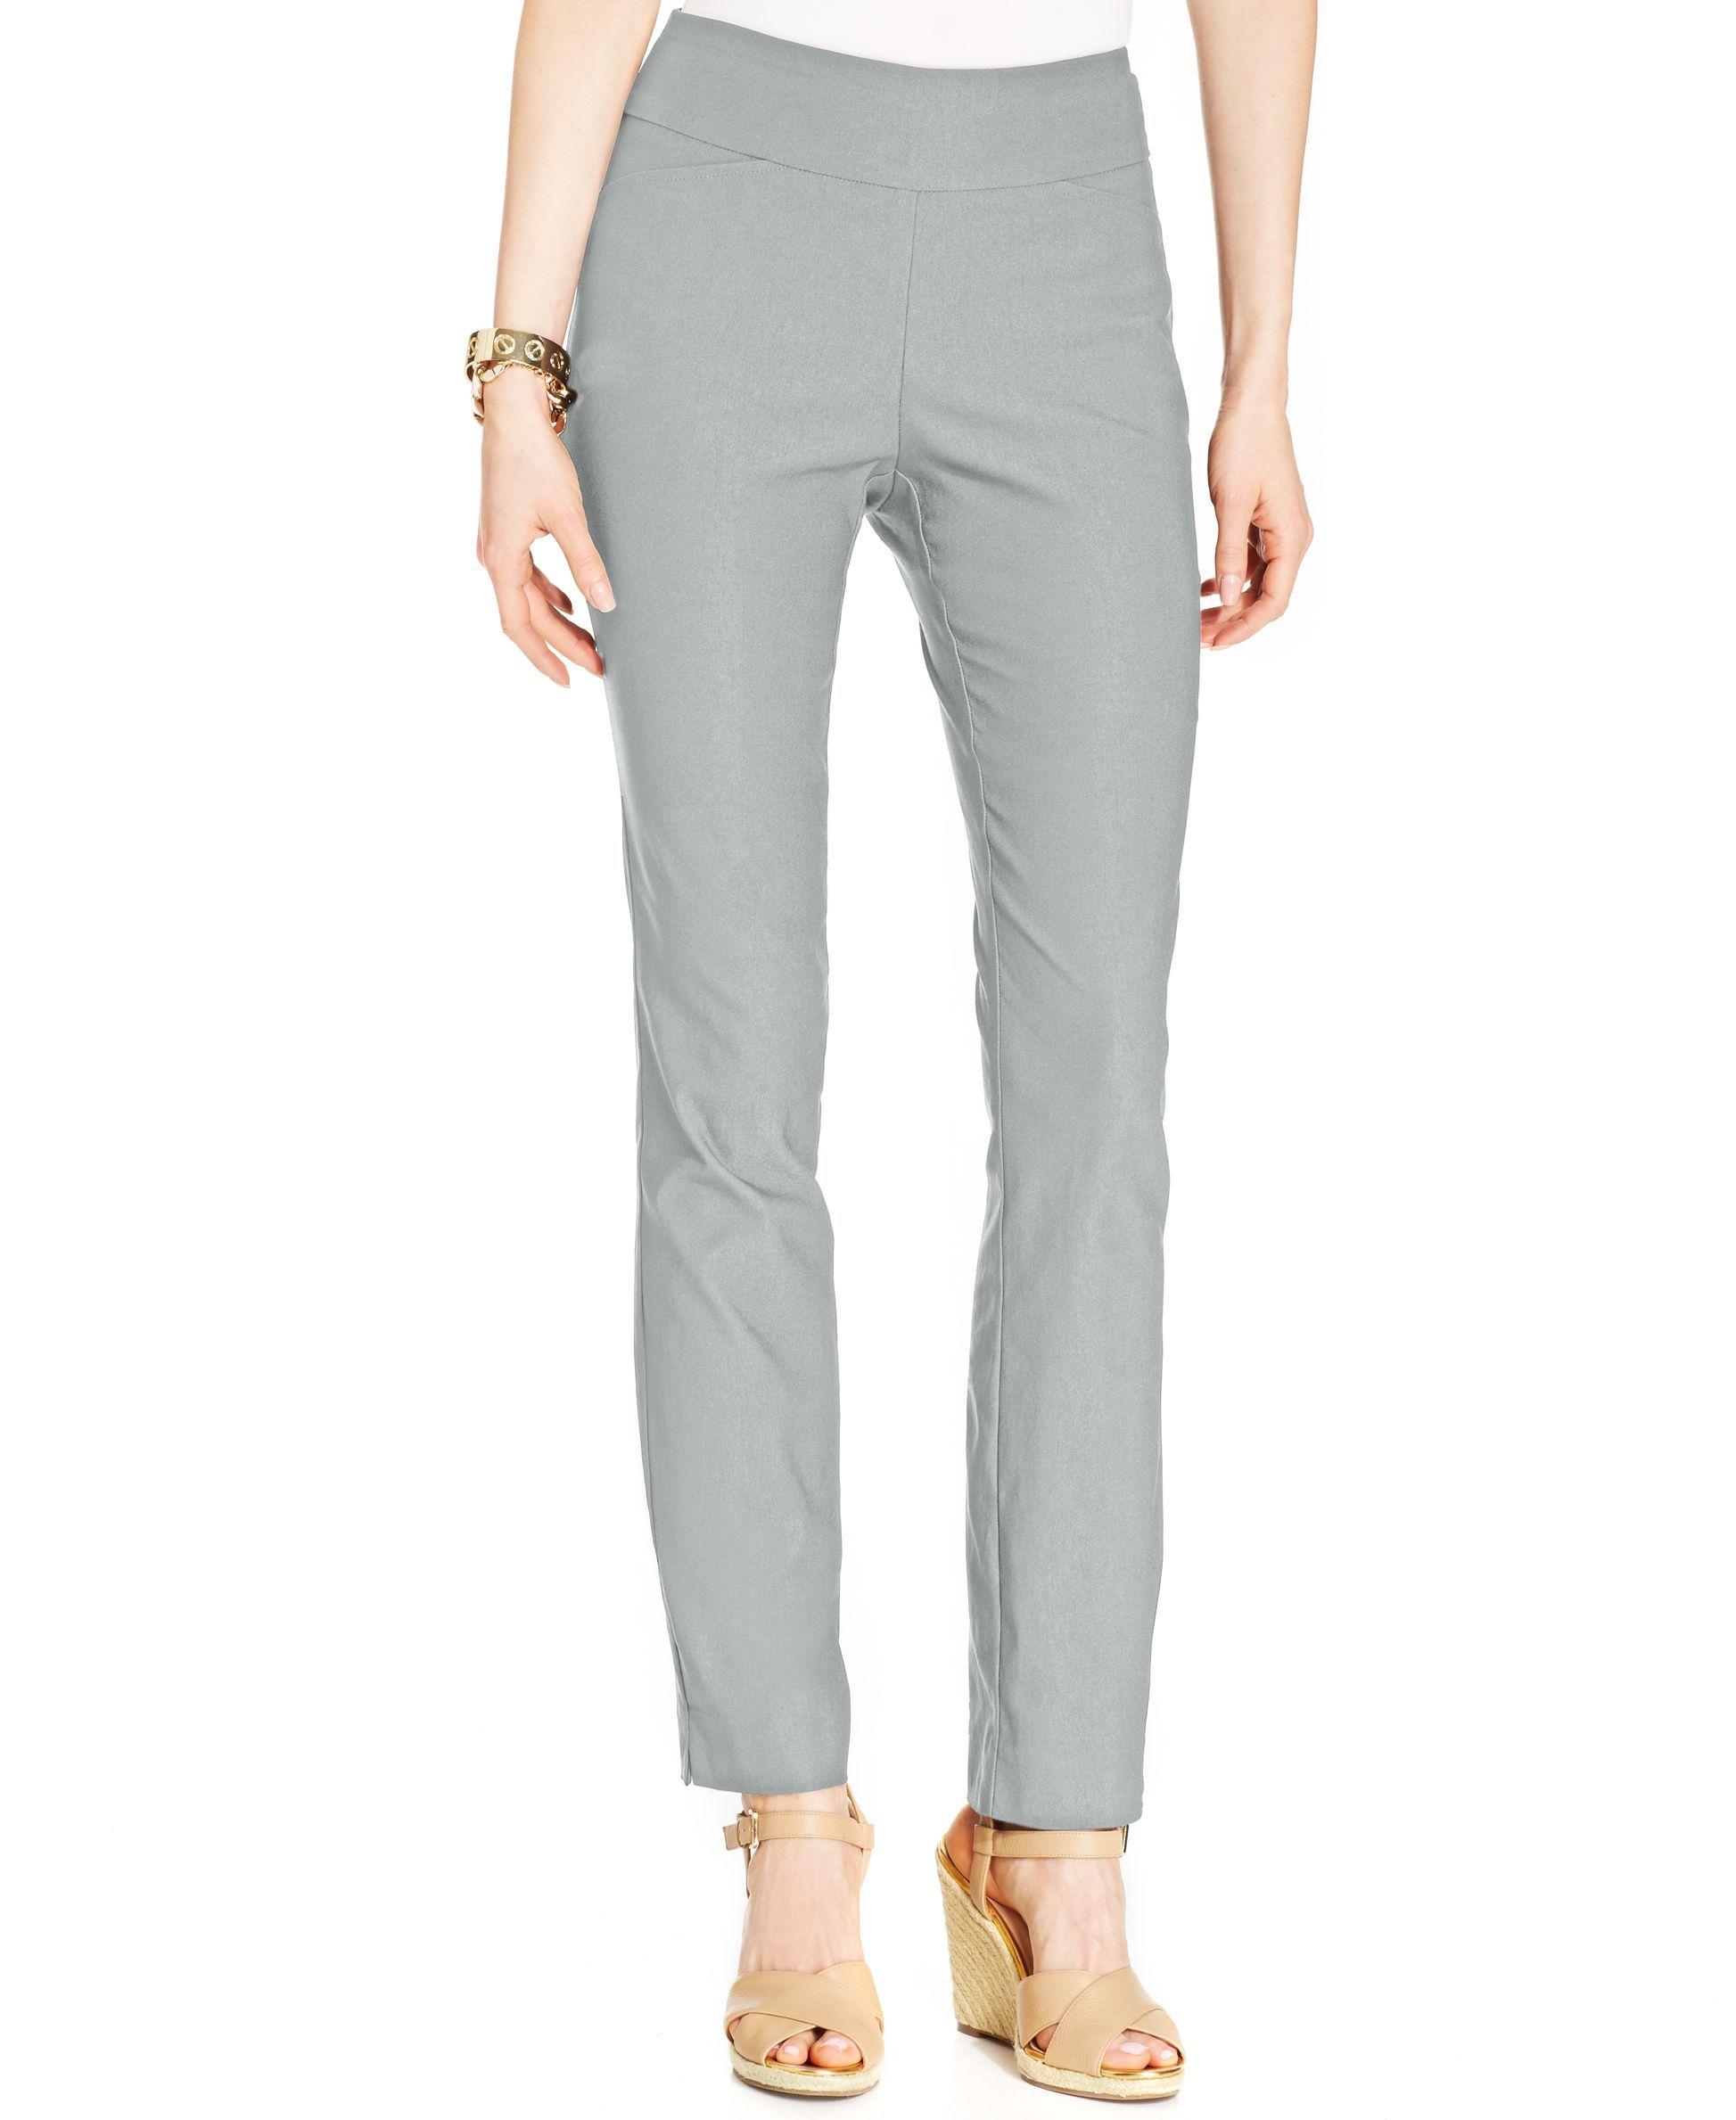 ingenuity-clothing-pants-petite-sizes